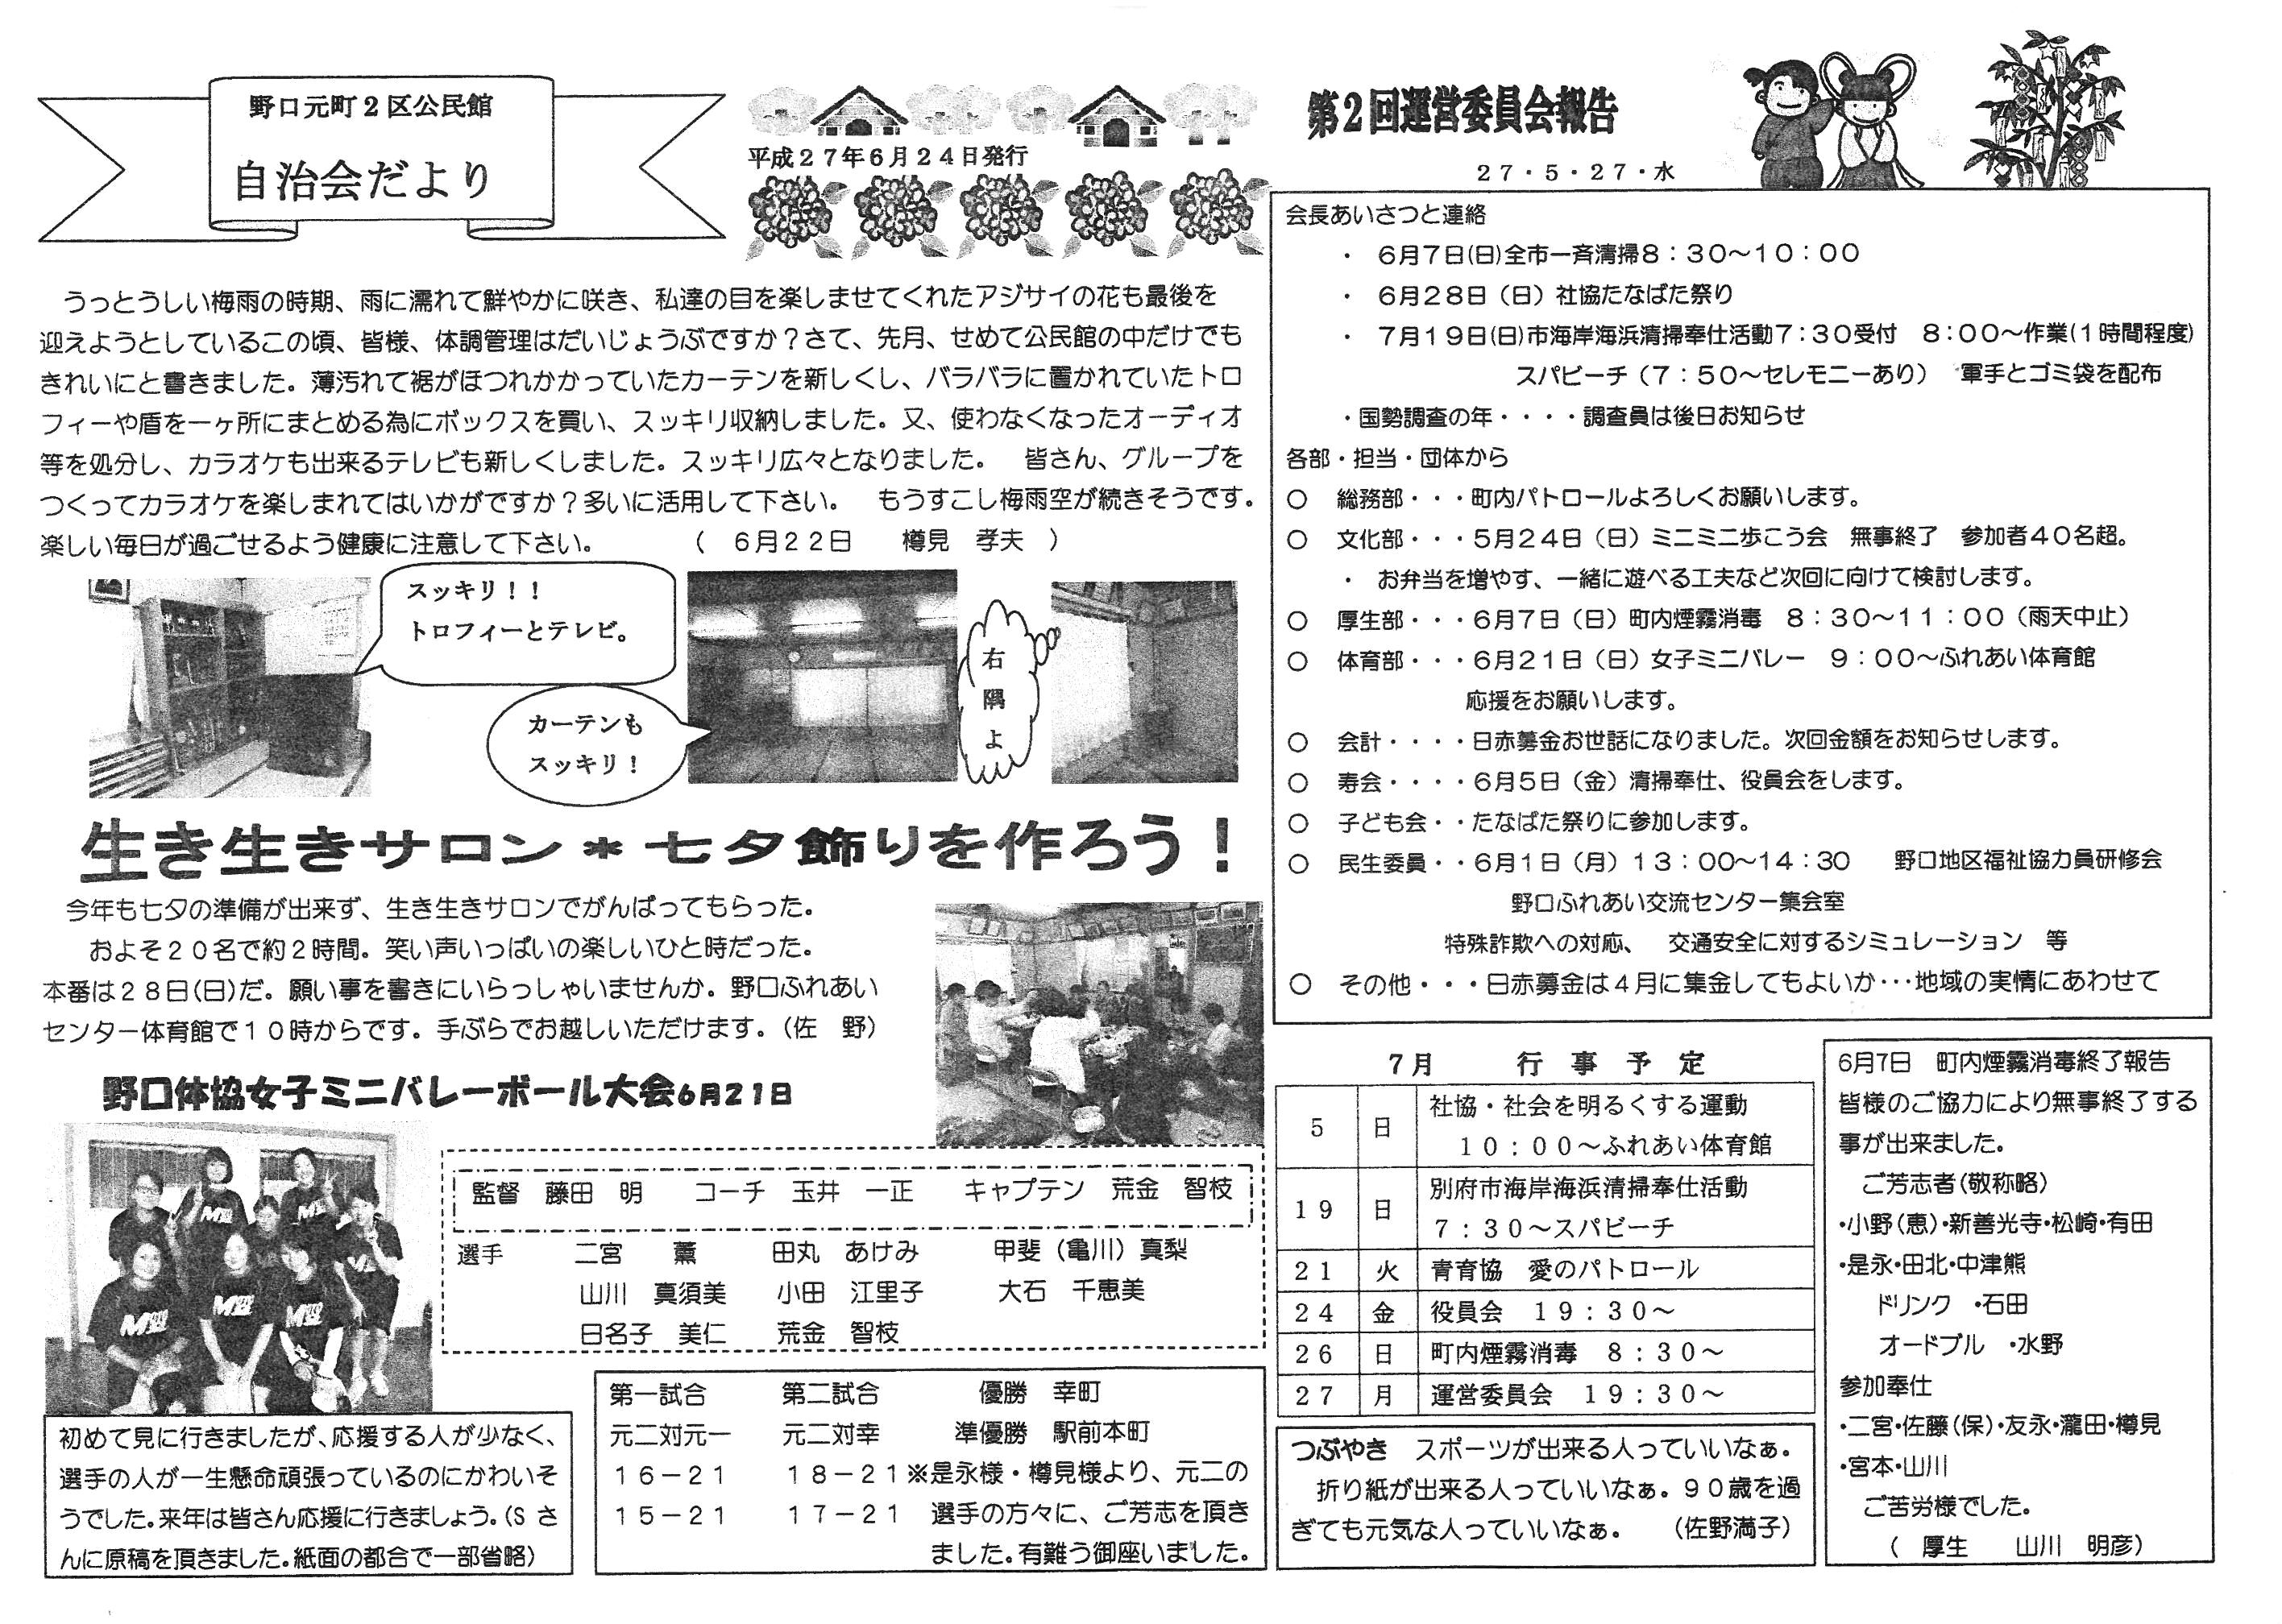 noguchimotomachi2ku_2015_07